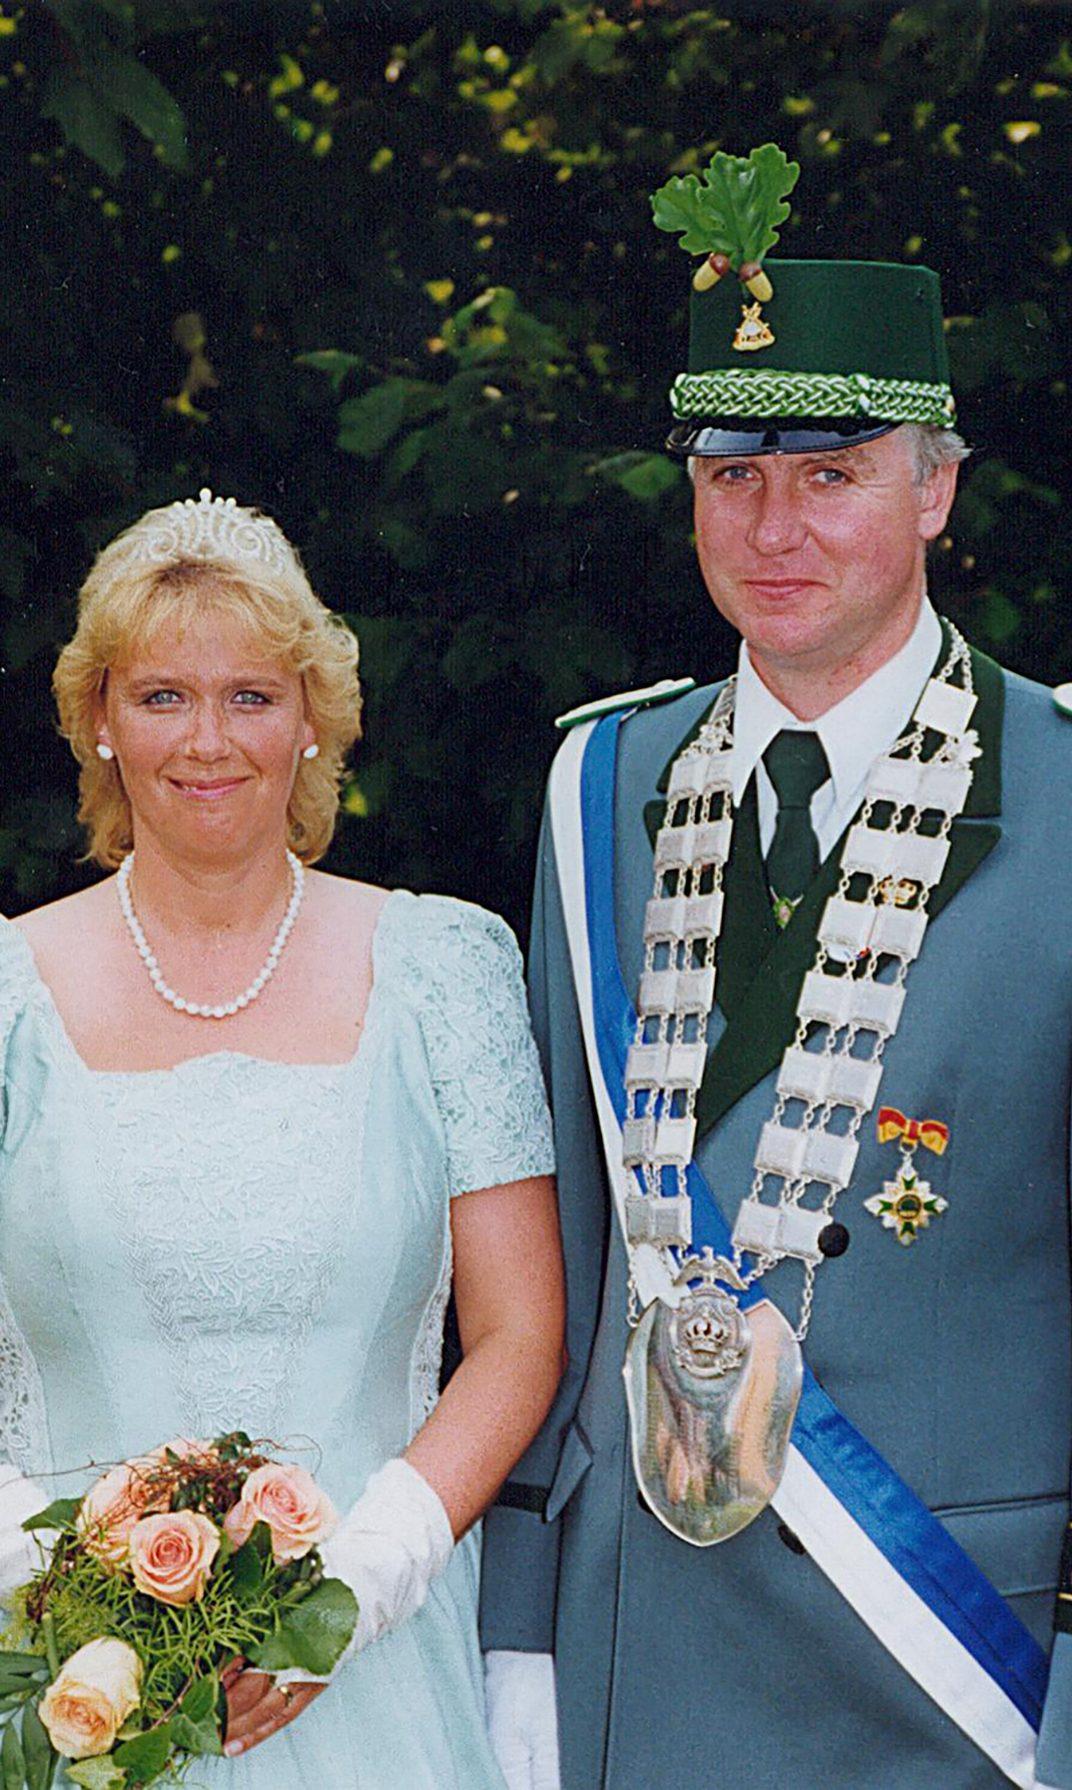 Koenigspaar_1999